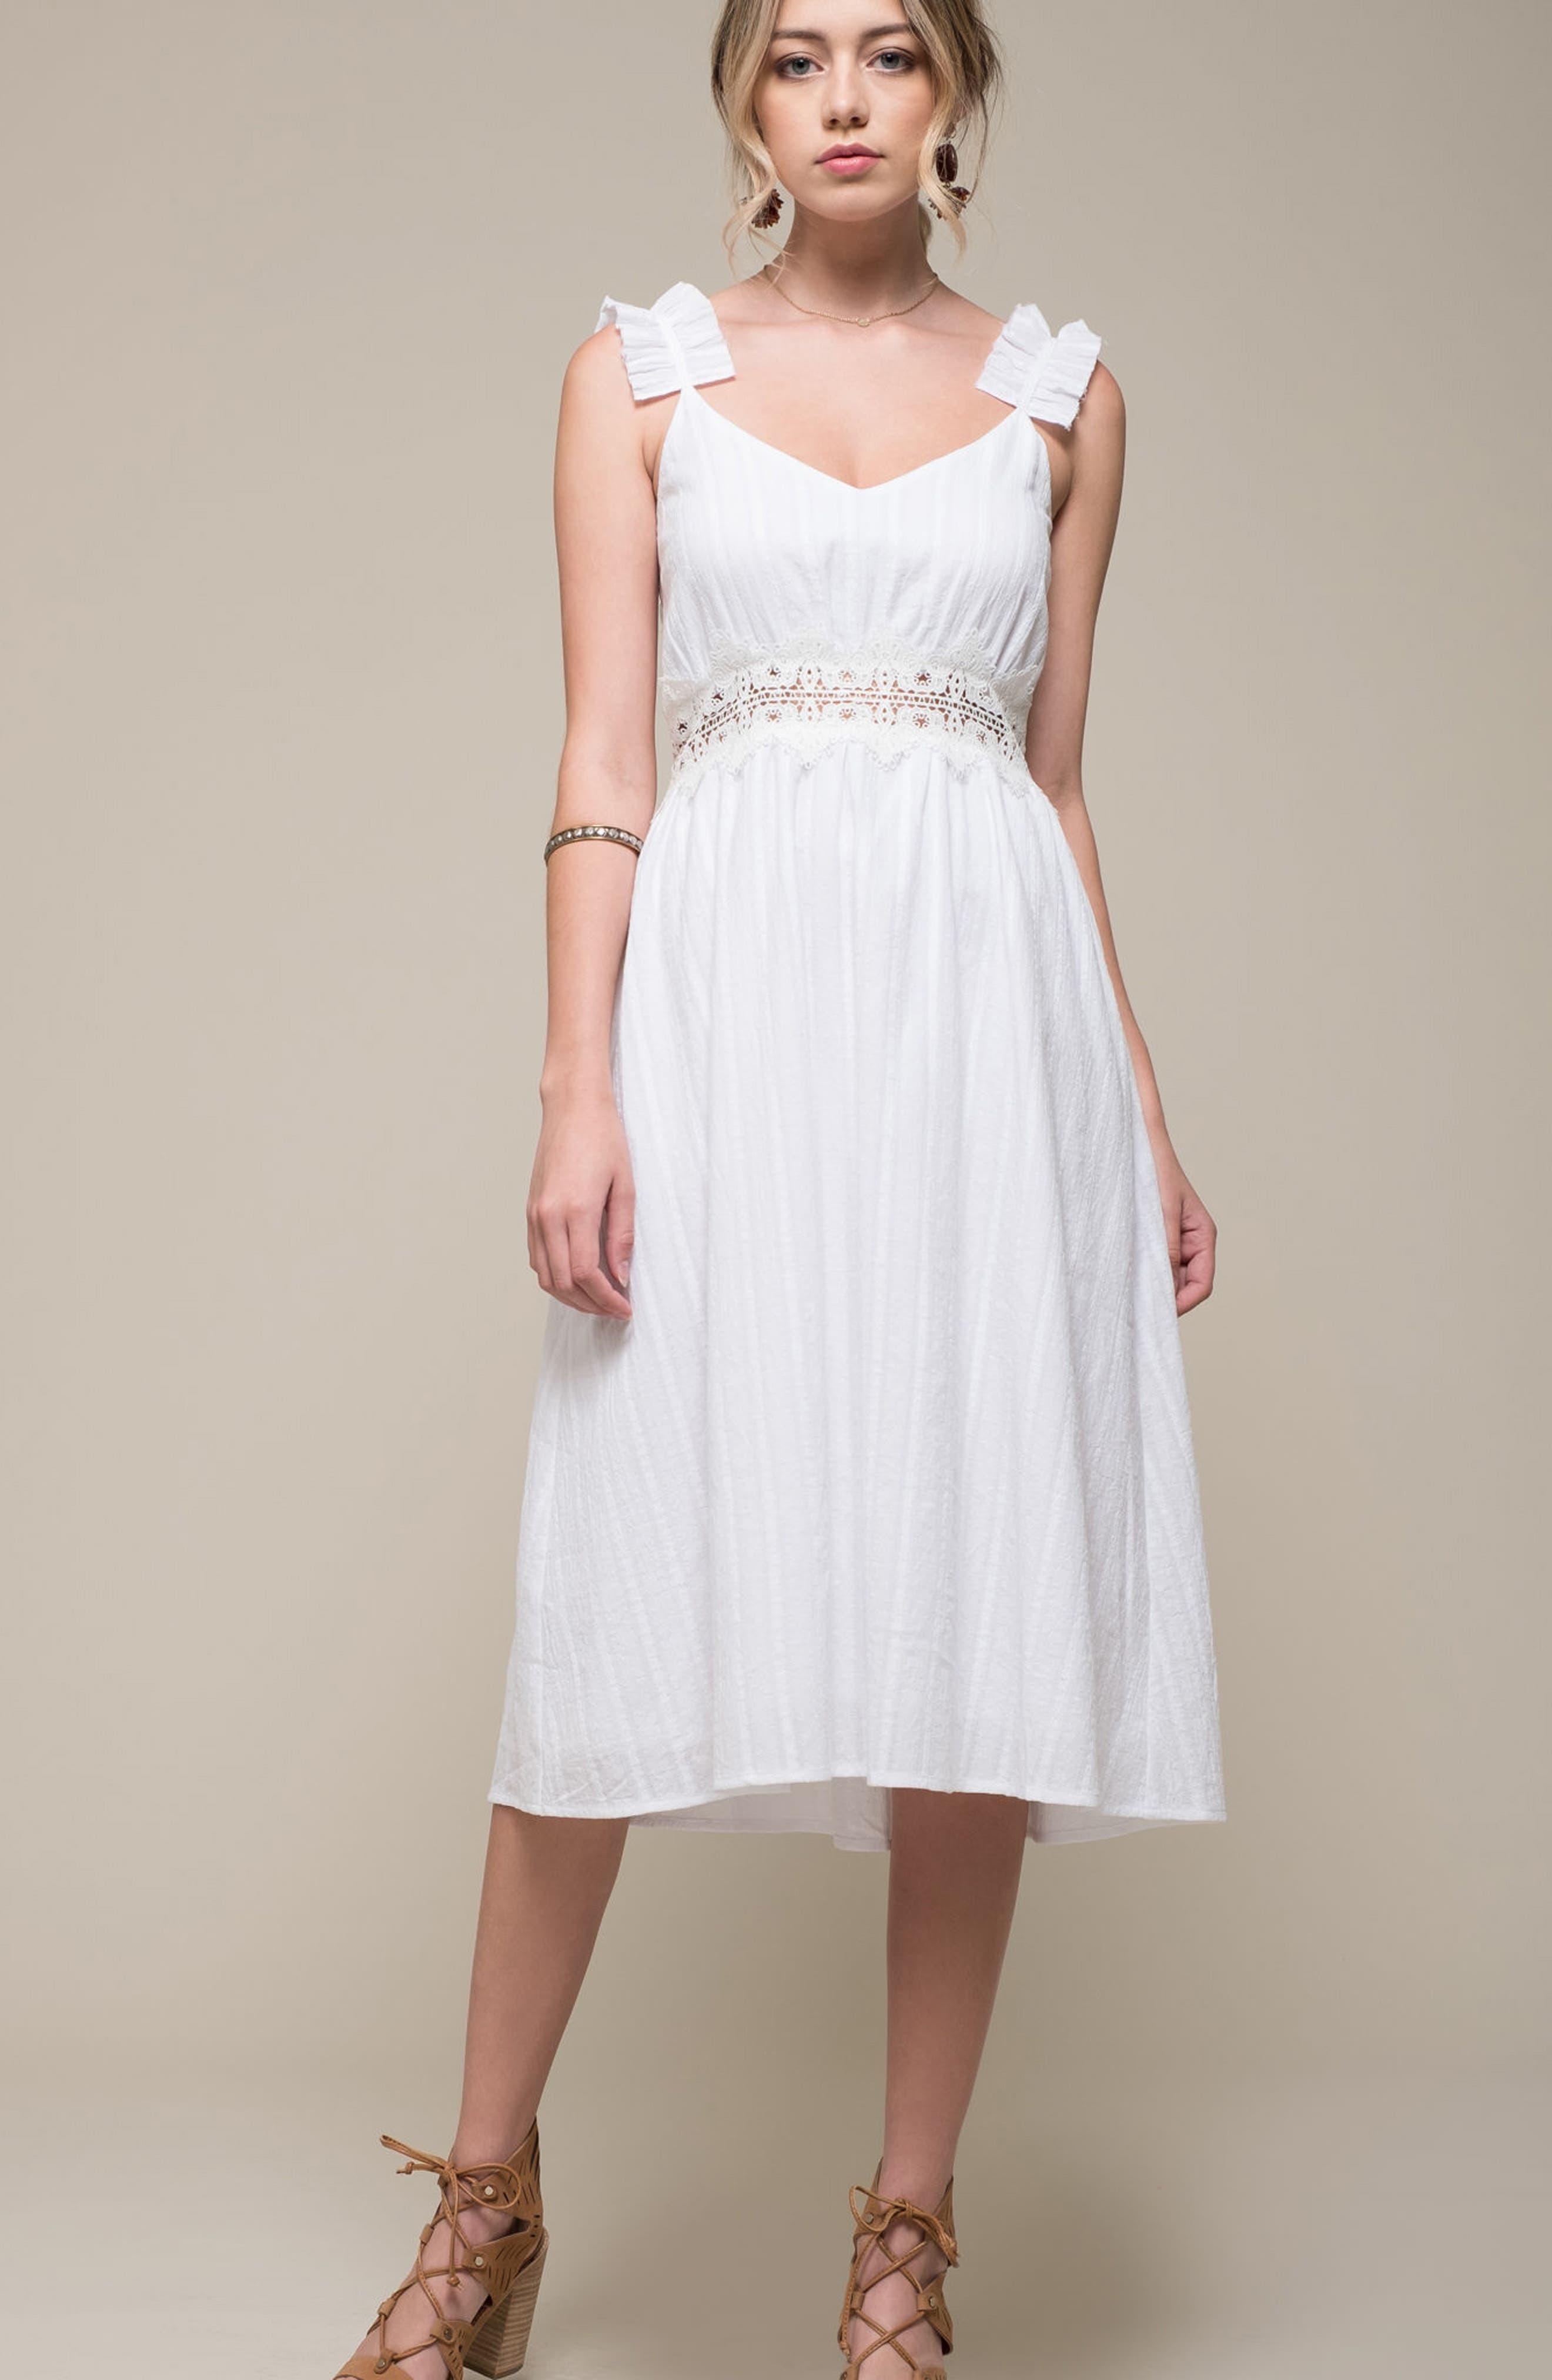 Lace Inset Cotton Dress,                             Alternate thumbnail 7, color,                             100